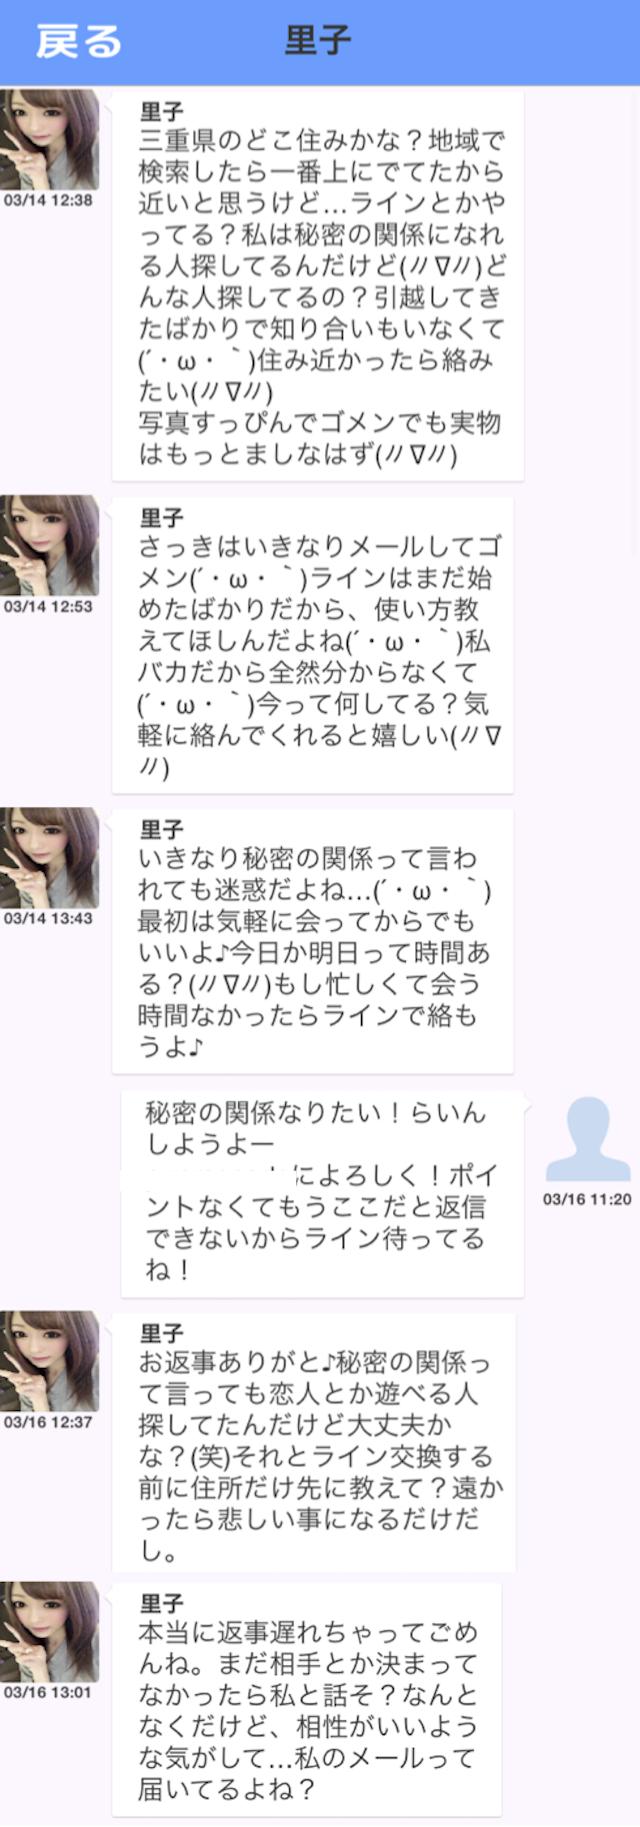 コイトーク_アプリ3